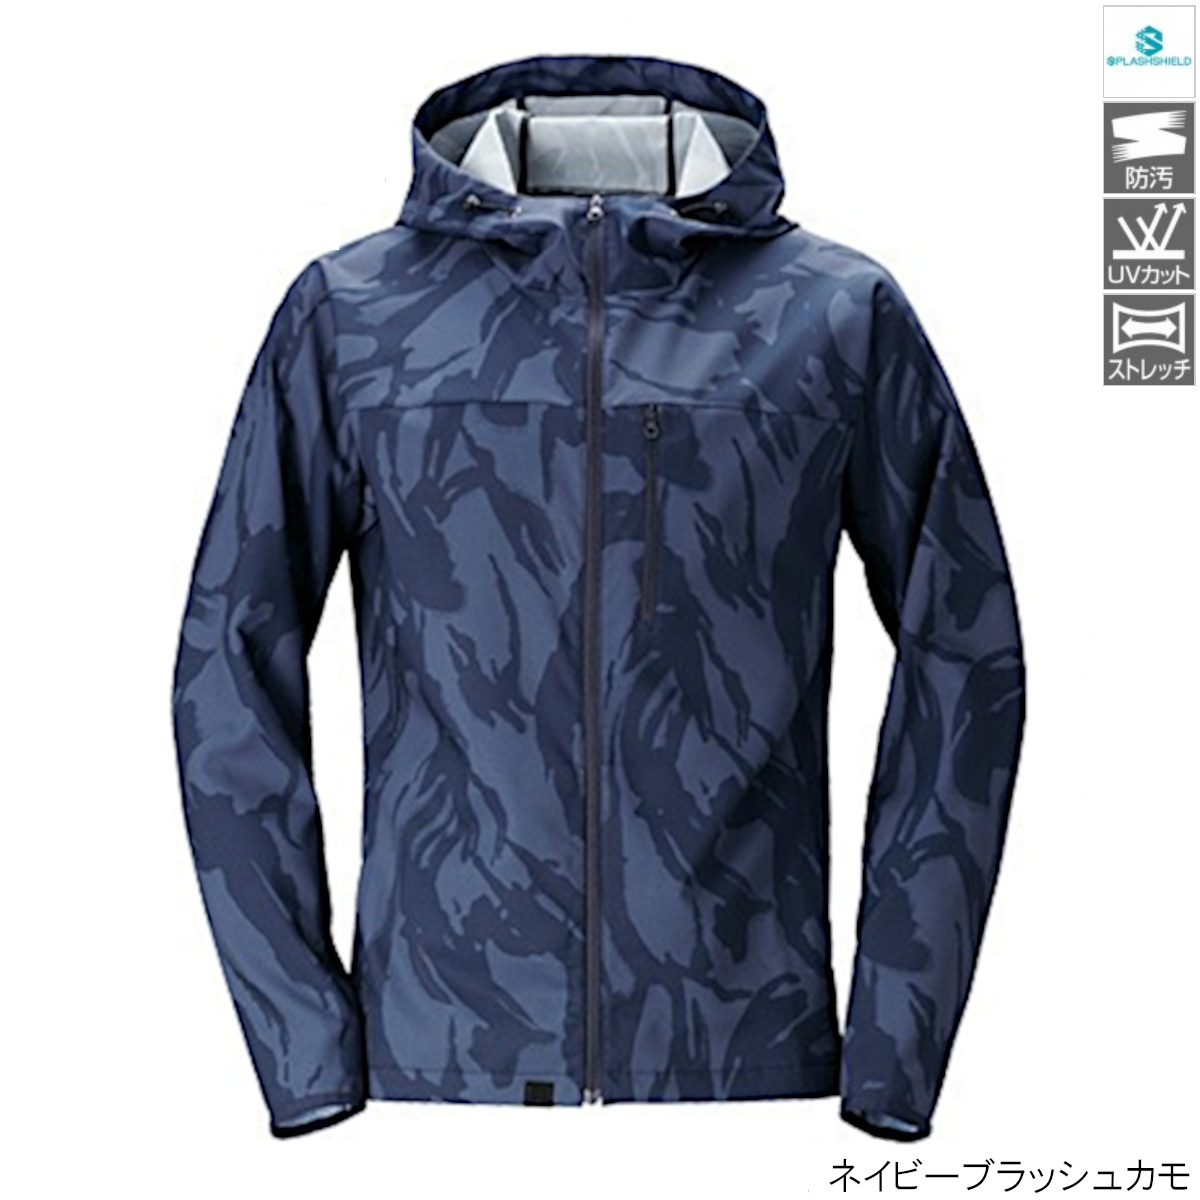 シマノ SSジャケット WJ-048T 2XL ネイビーブラッシュカモ